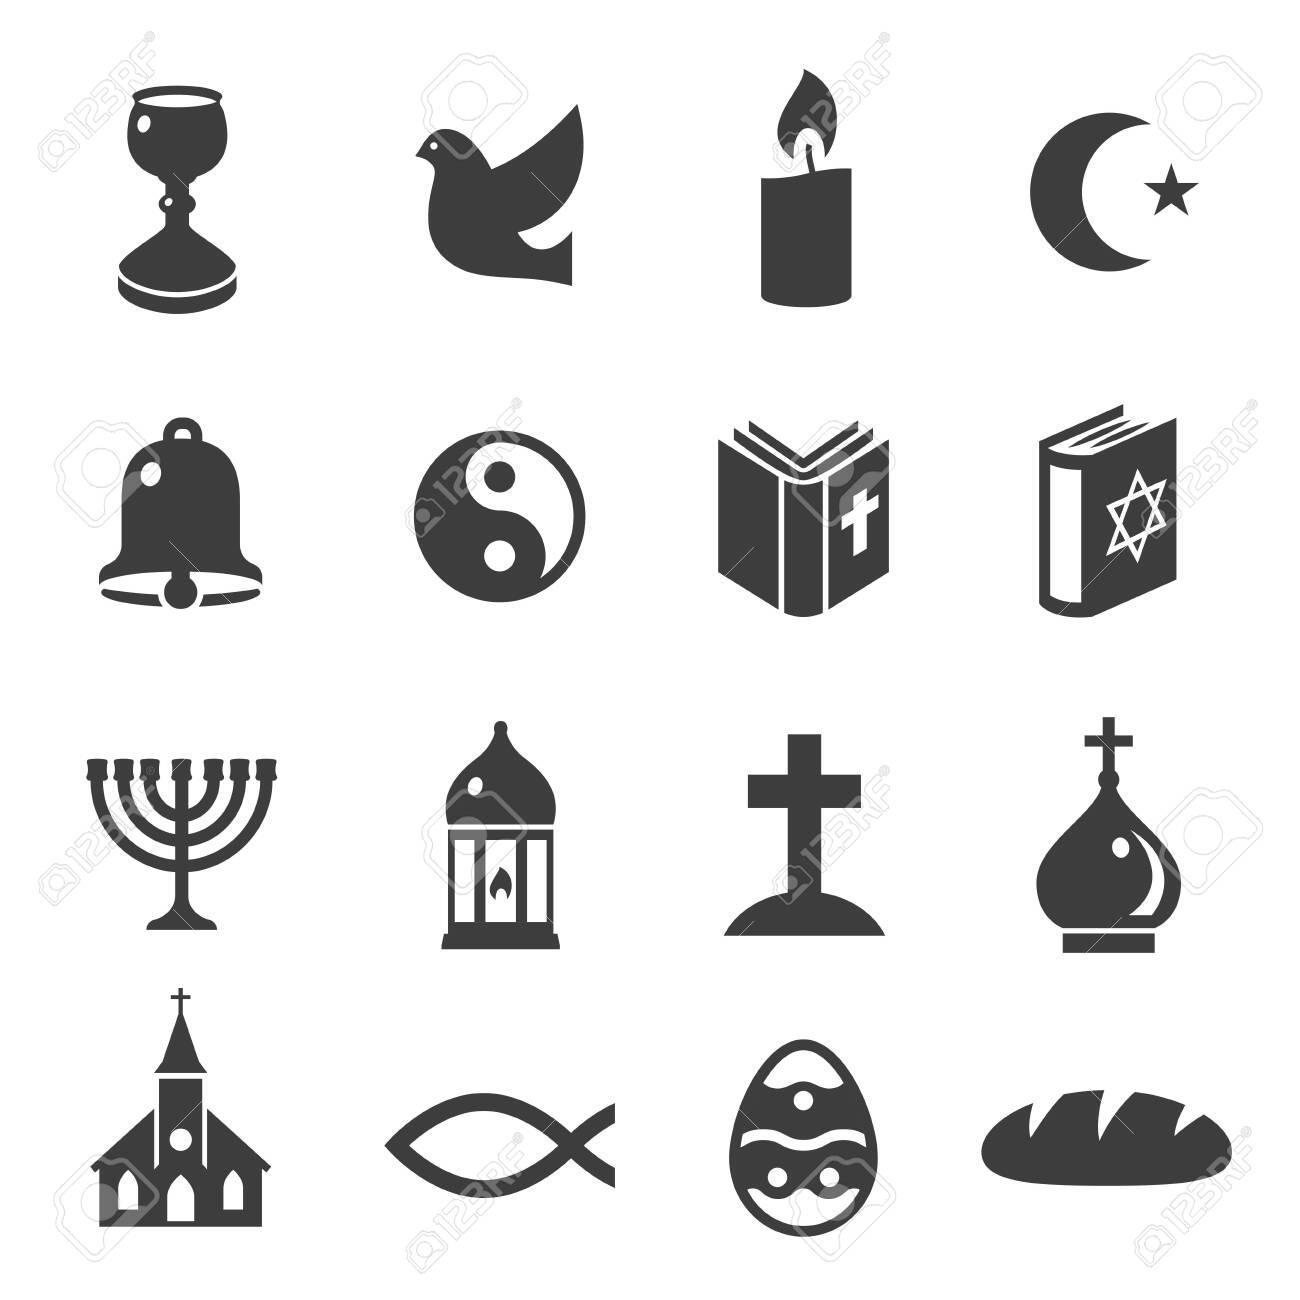 World religious symbols black icons set isolated on white. Christianity, islam, judaism, taoism. - 148951288